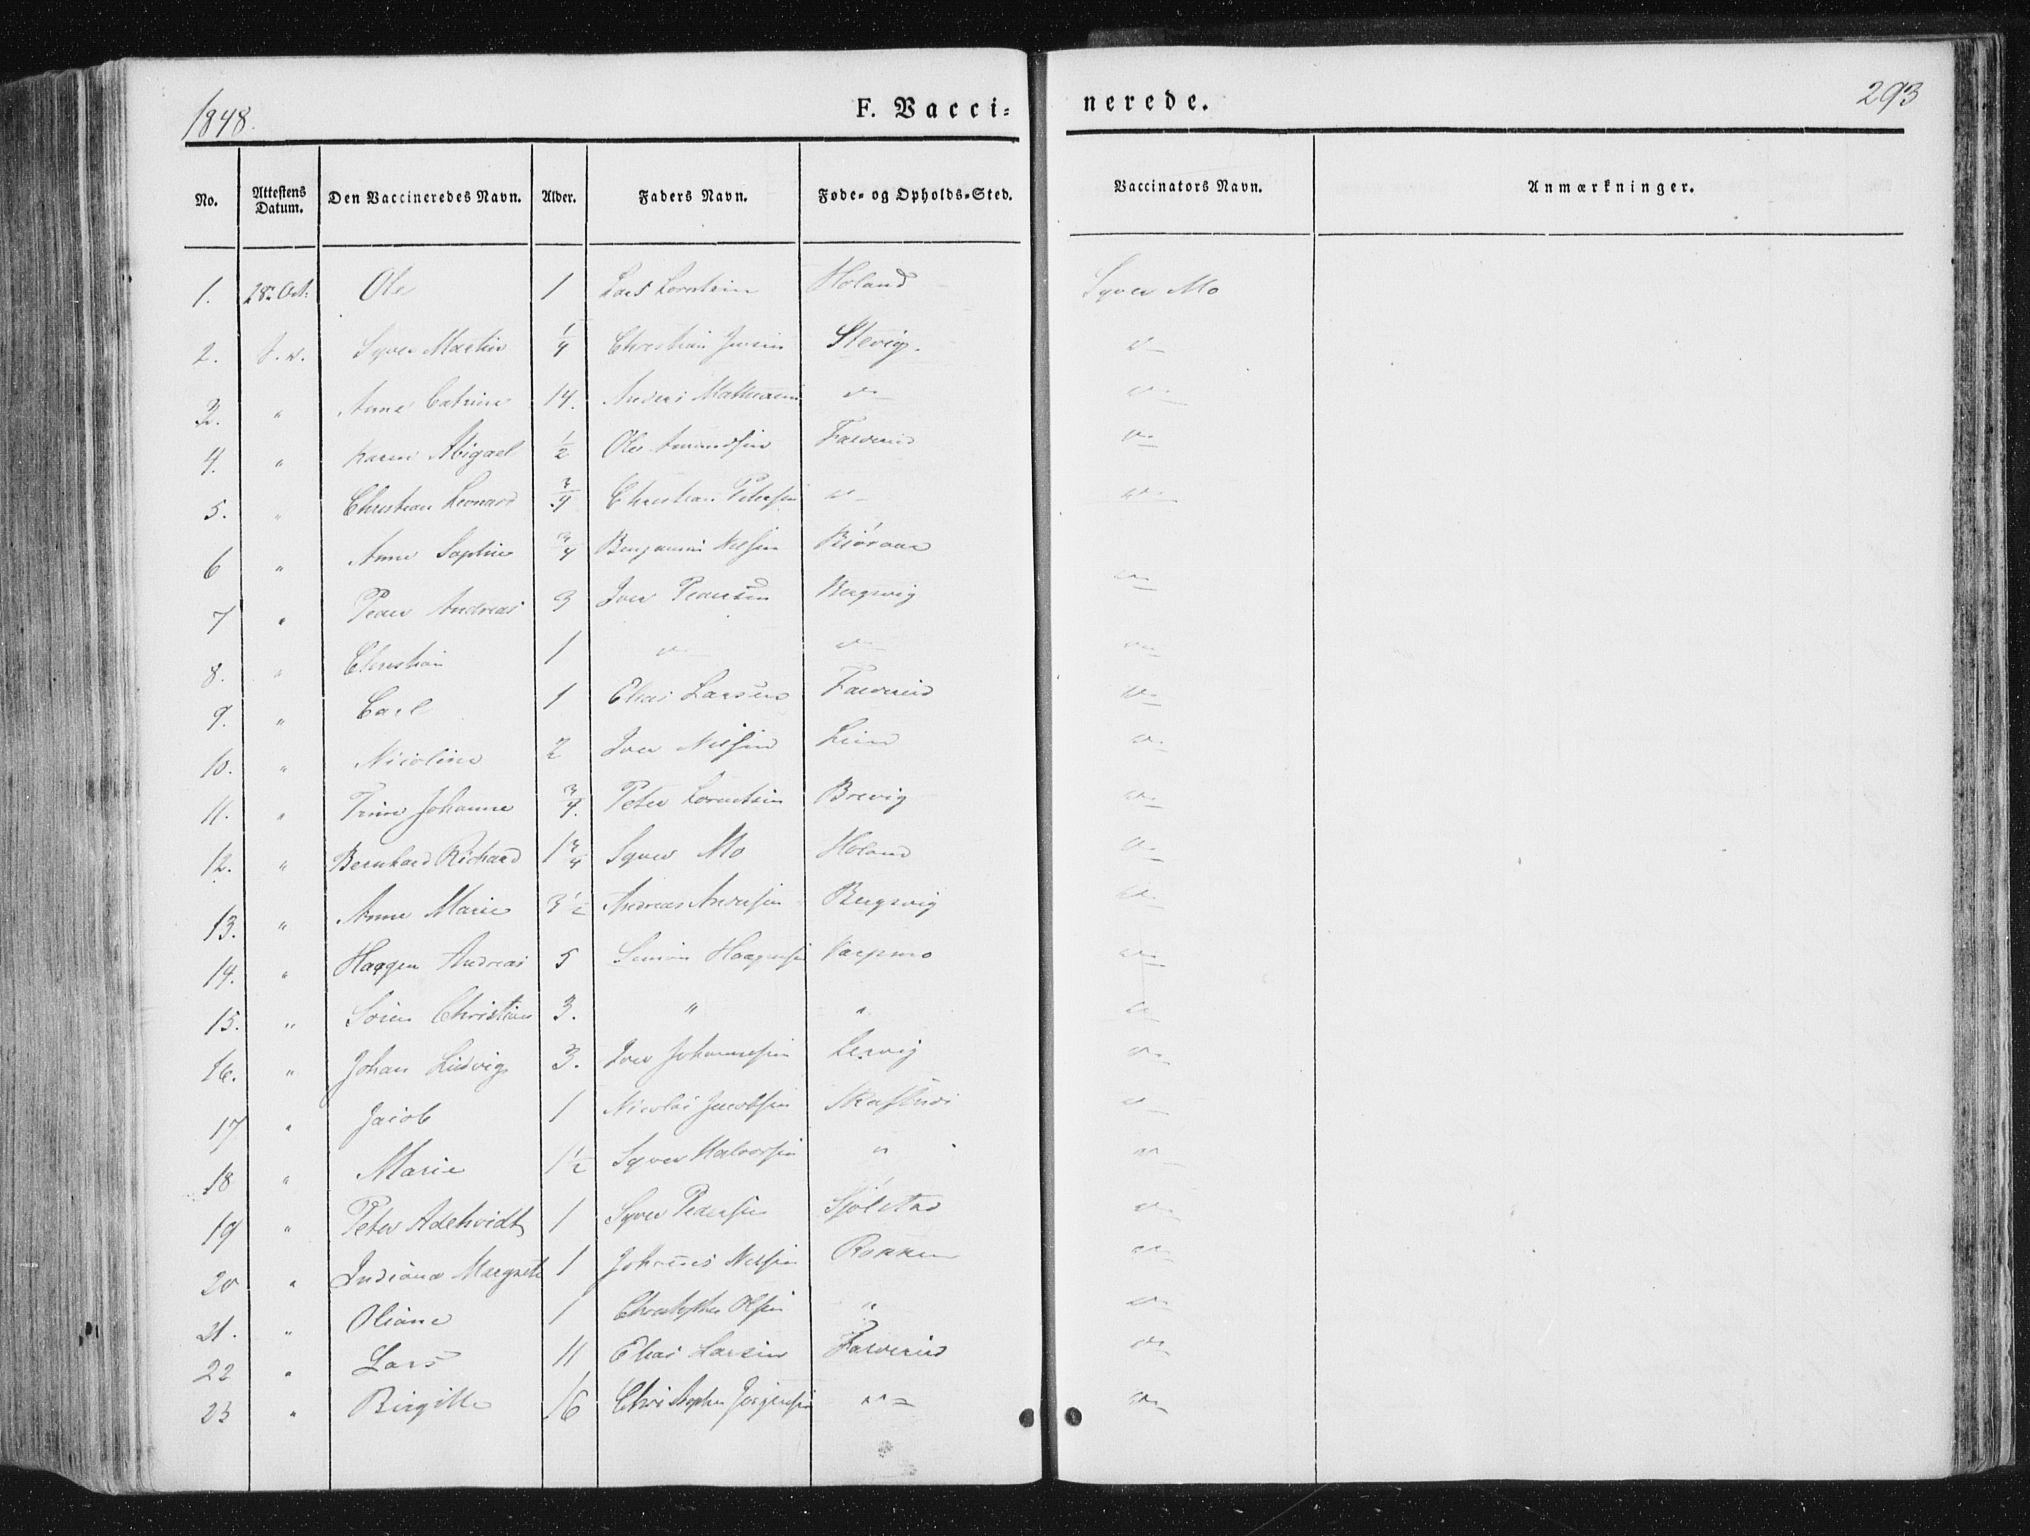 SAT, Ministerialprotokoller, klokkerbøker og fødselsregistre - Nord-Trøndelag, 780/L0640: Ministerialbok nr. 780A05, 1845-1856, s. 293